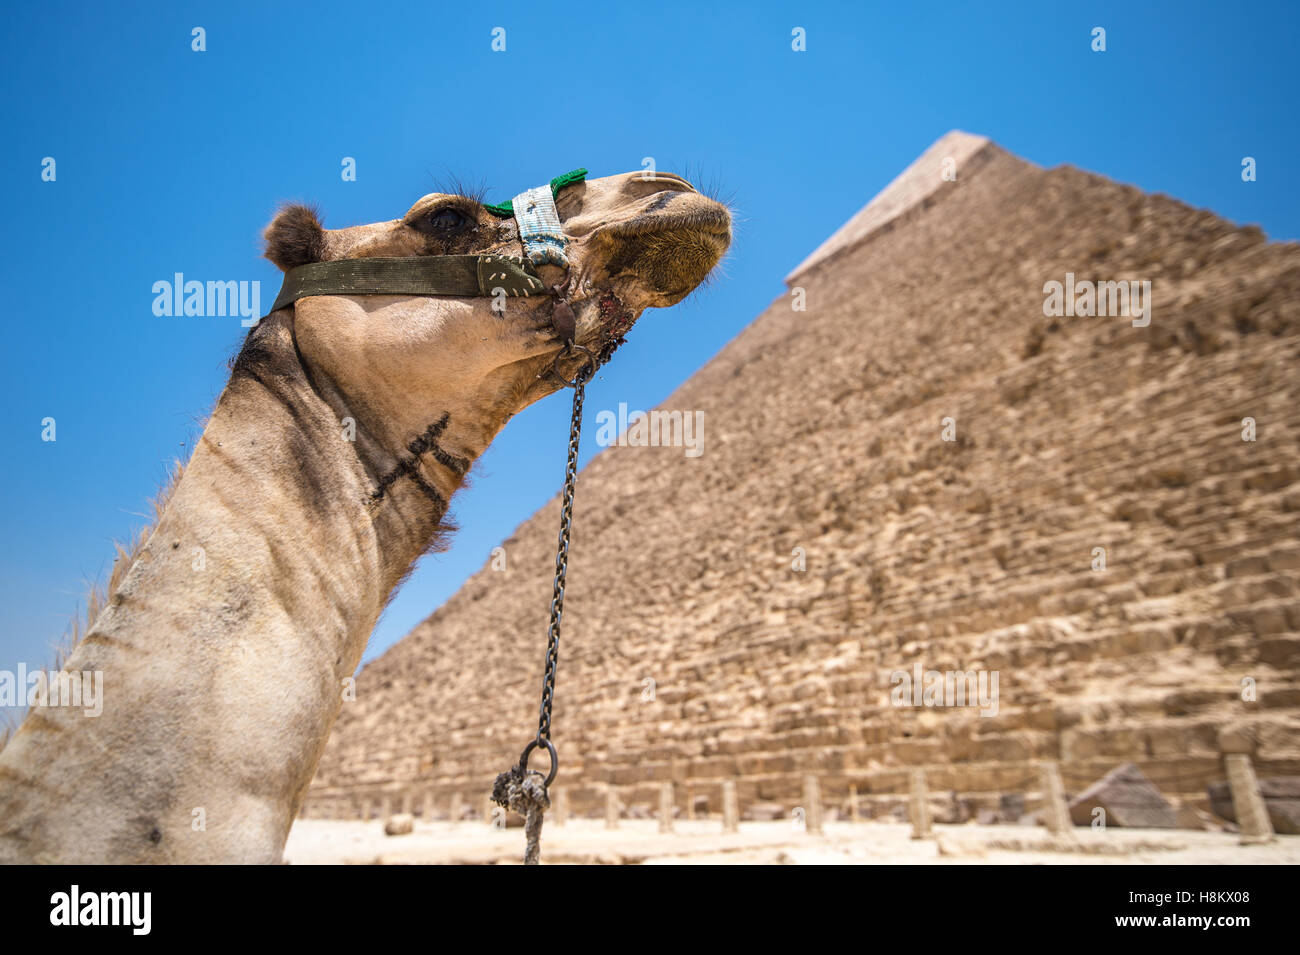 Cairo, Egitto appoggio cammello nel deserto con le grandi piramidi di Giza in background. Questa è la piramide Immagini Stock